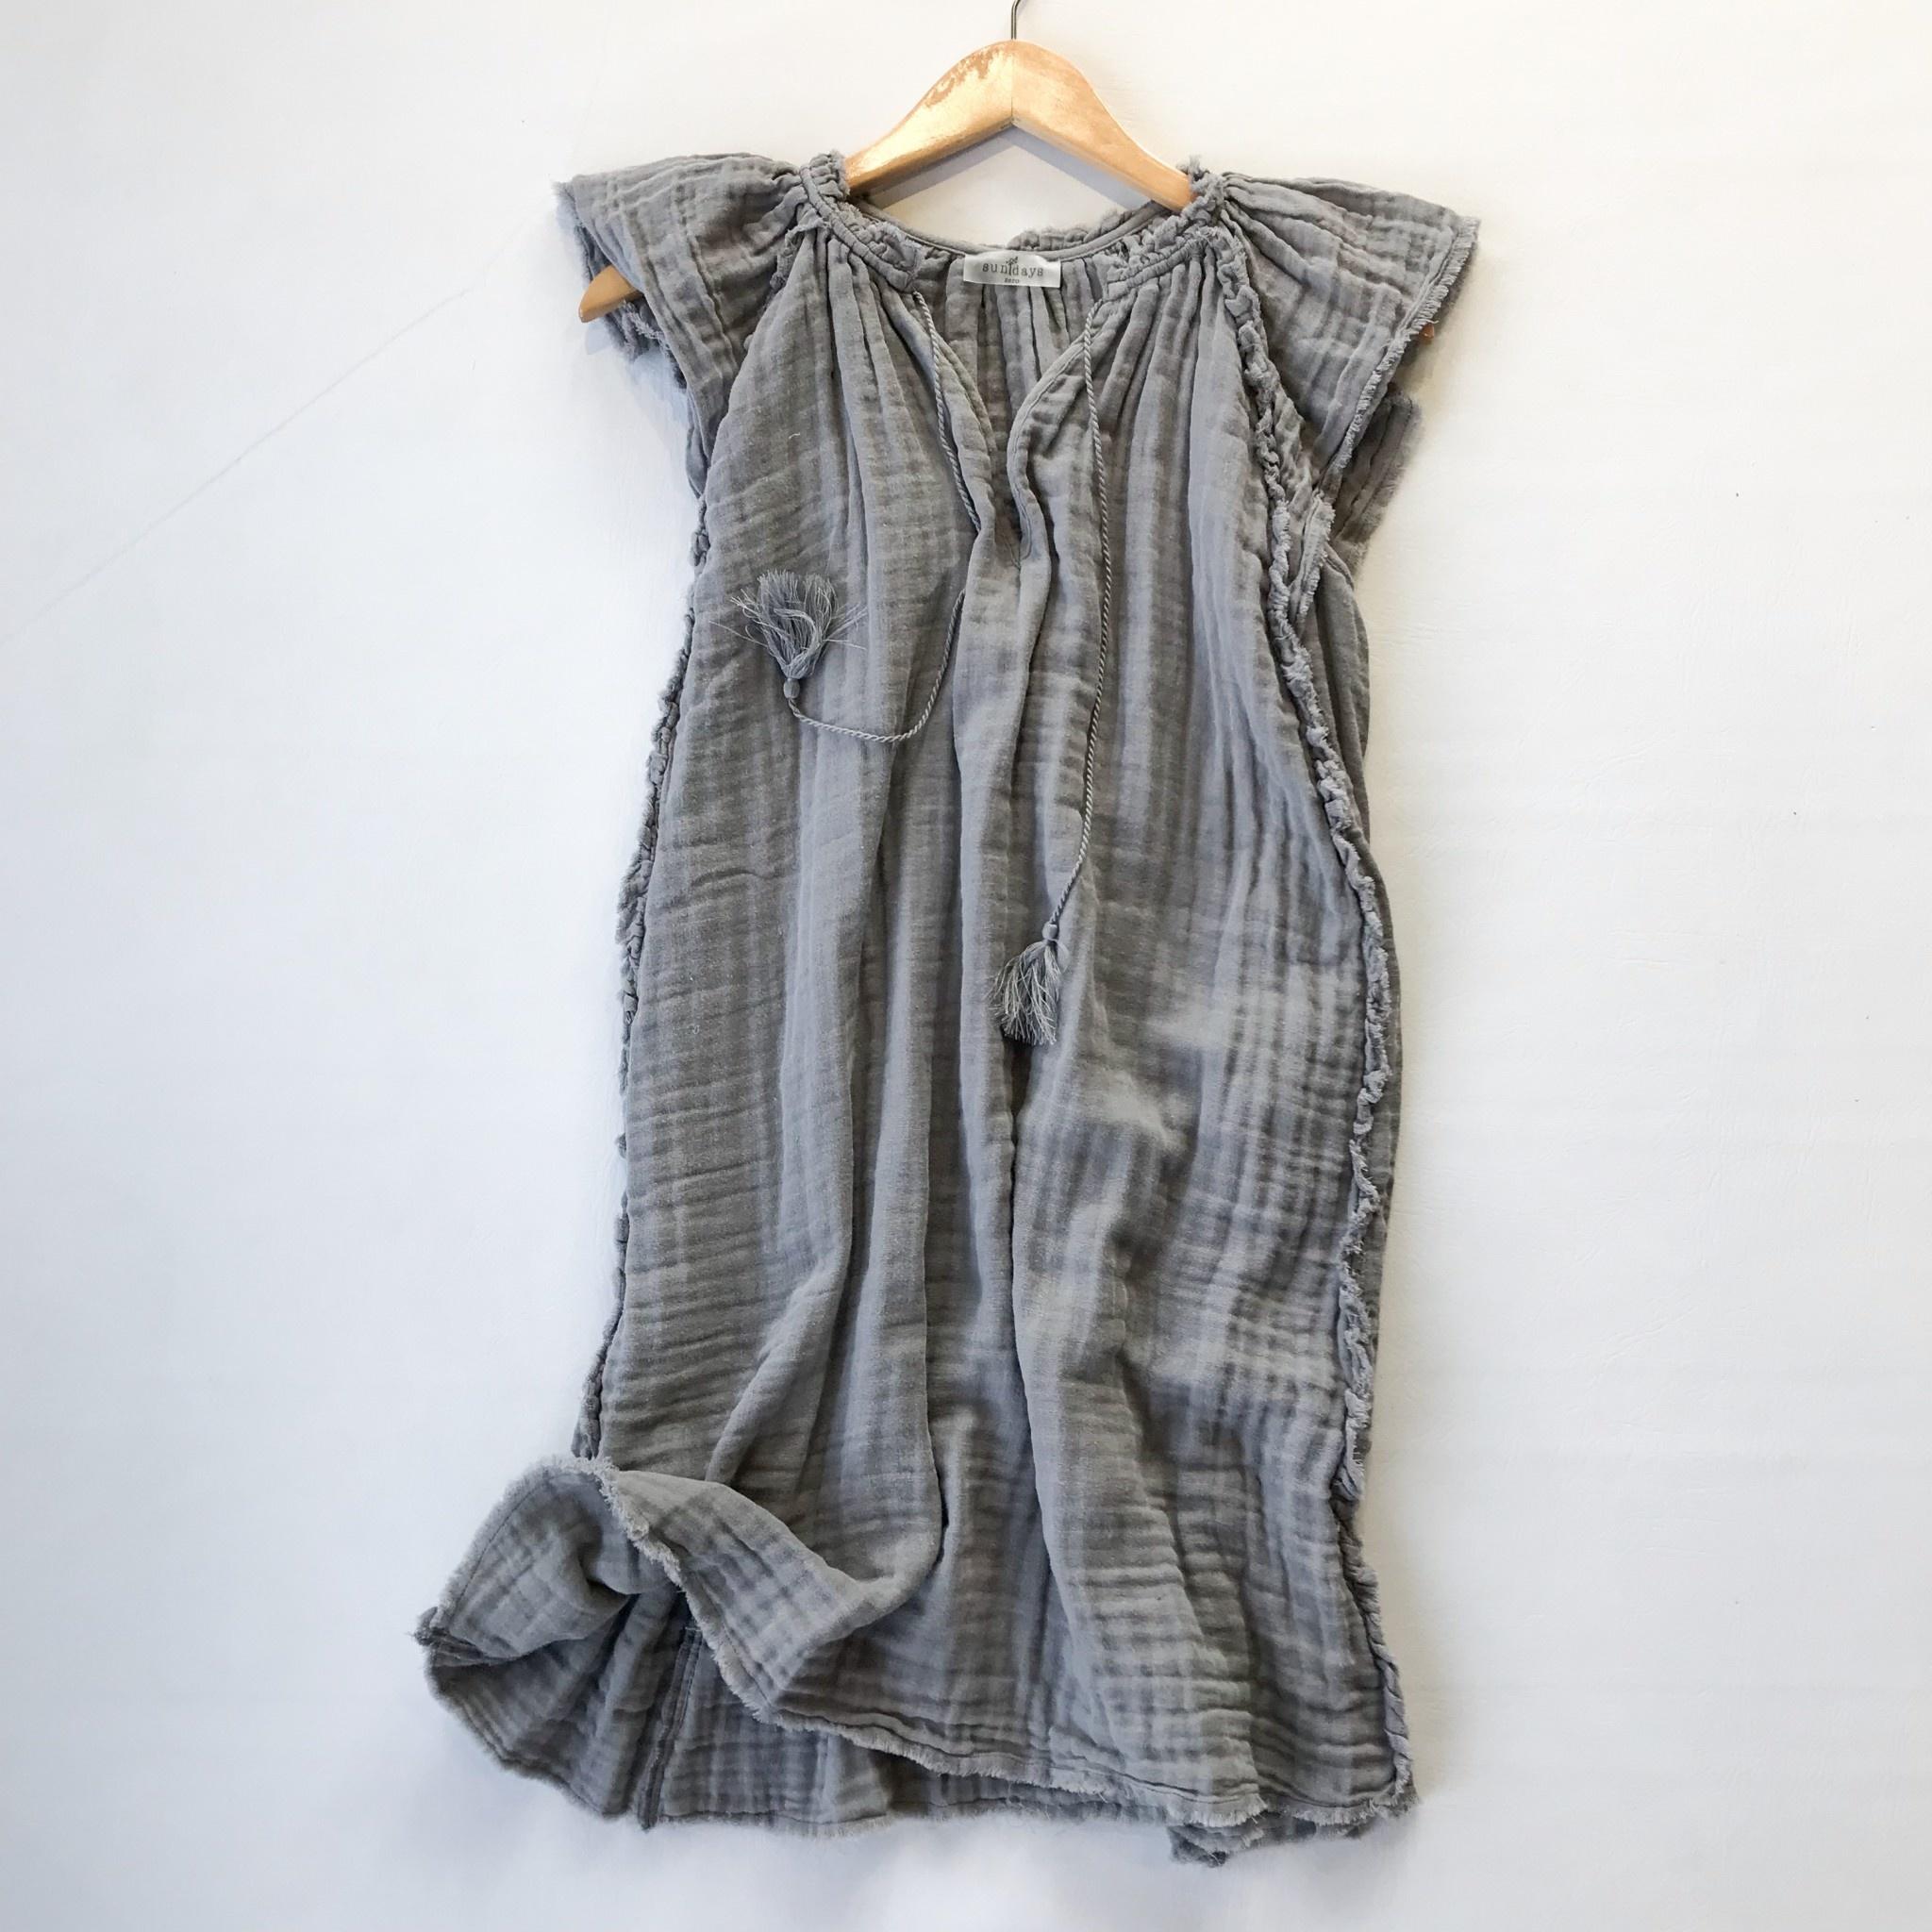 Copley Dress